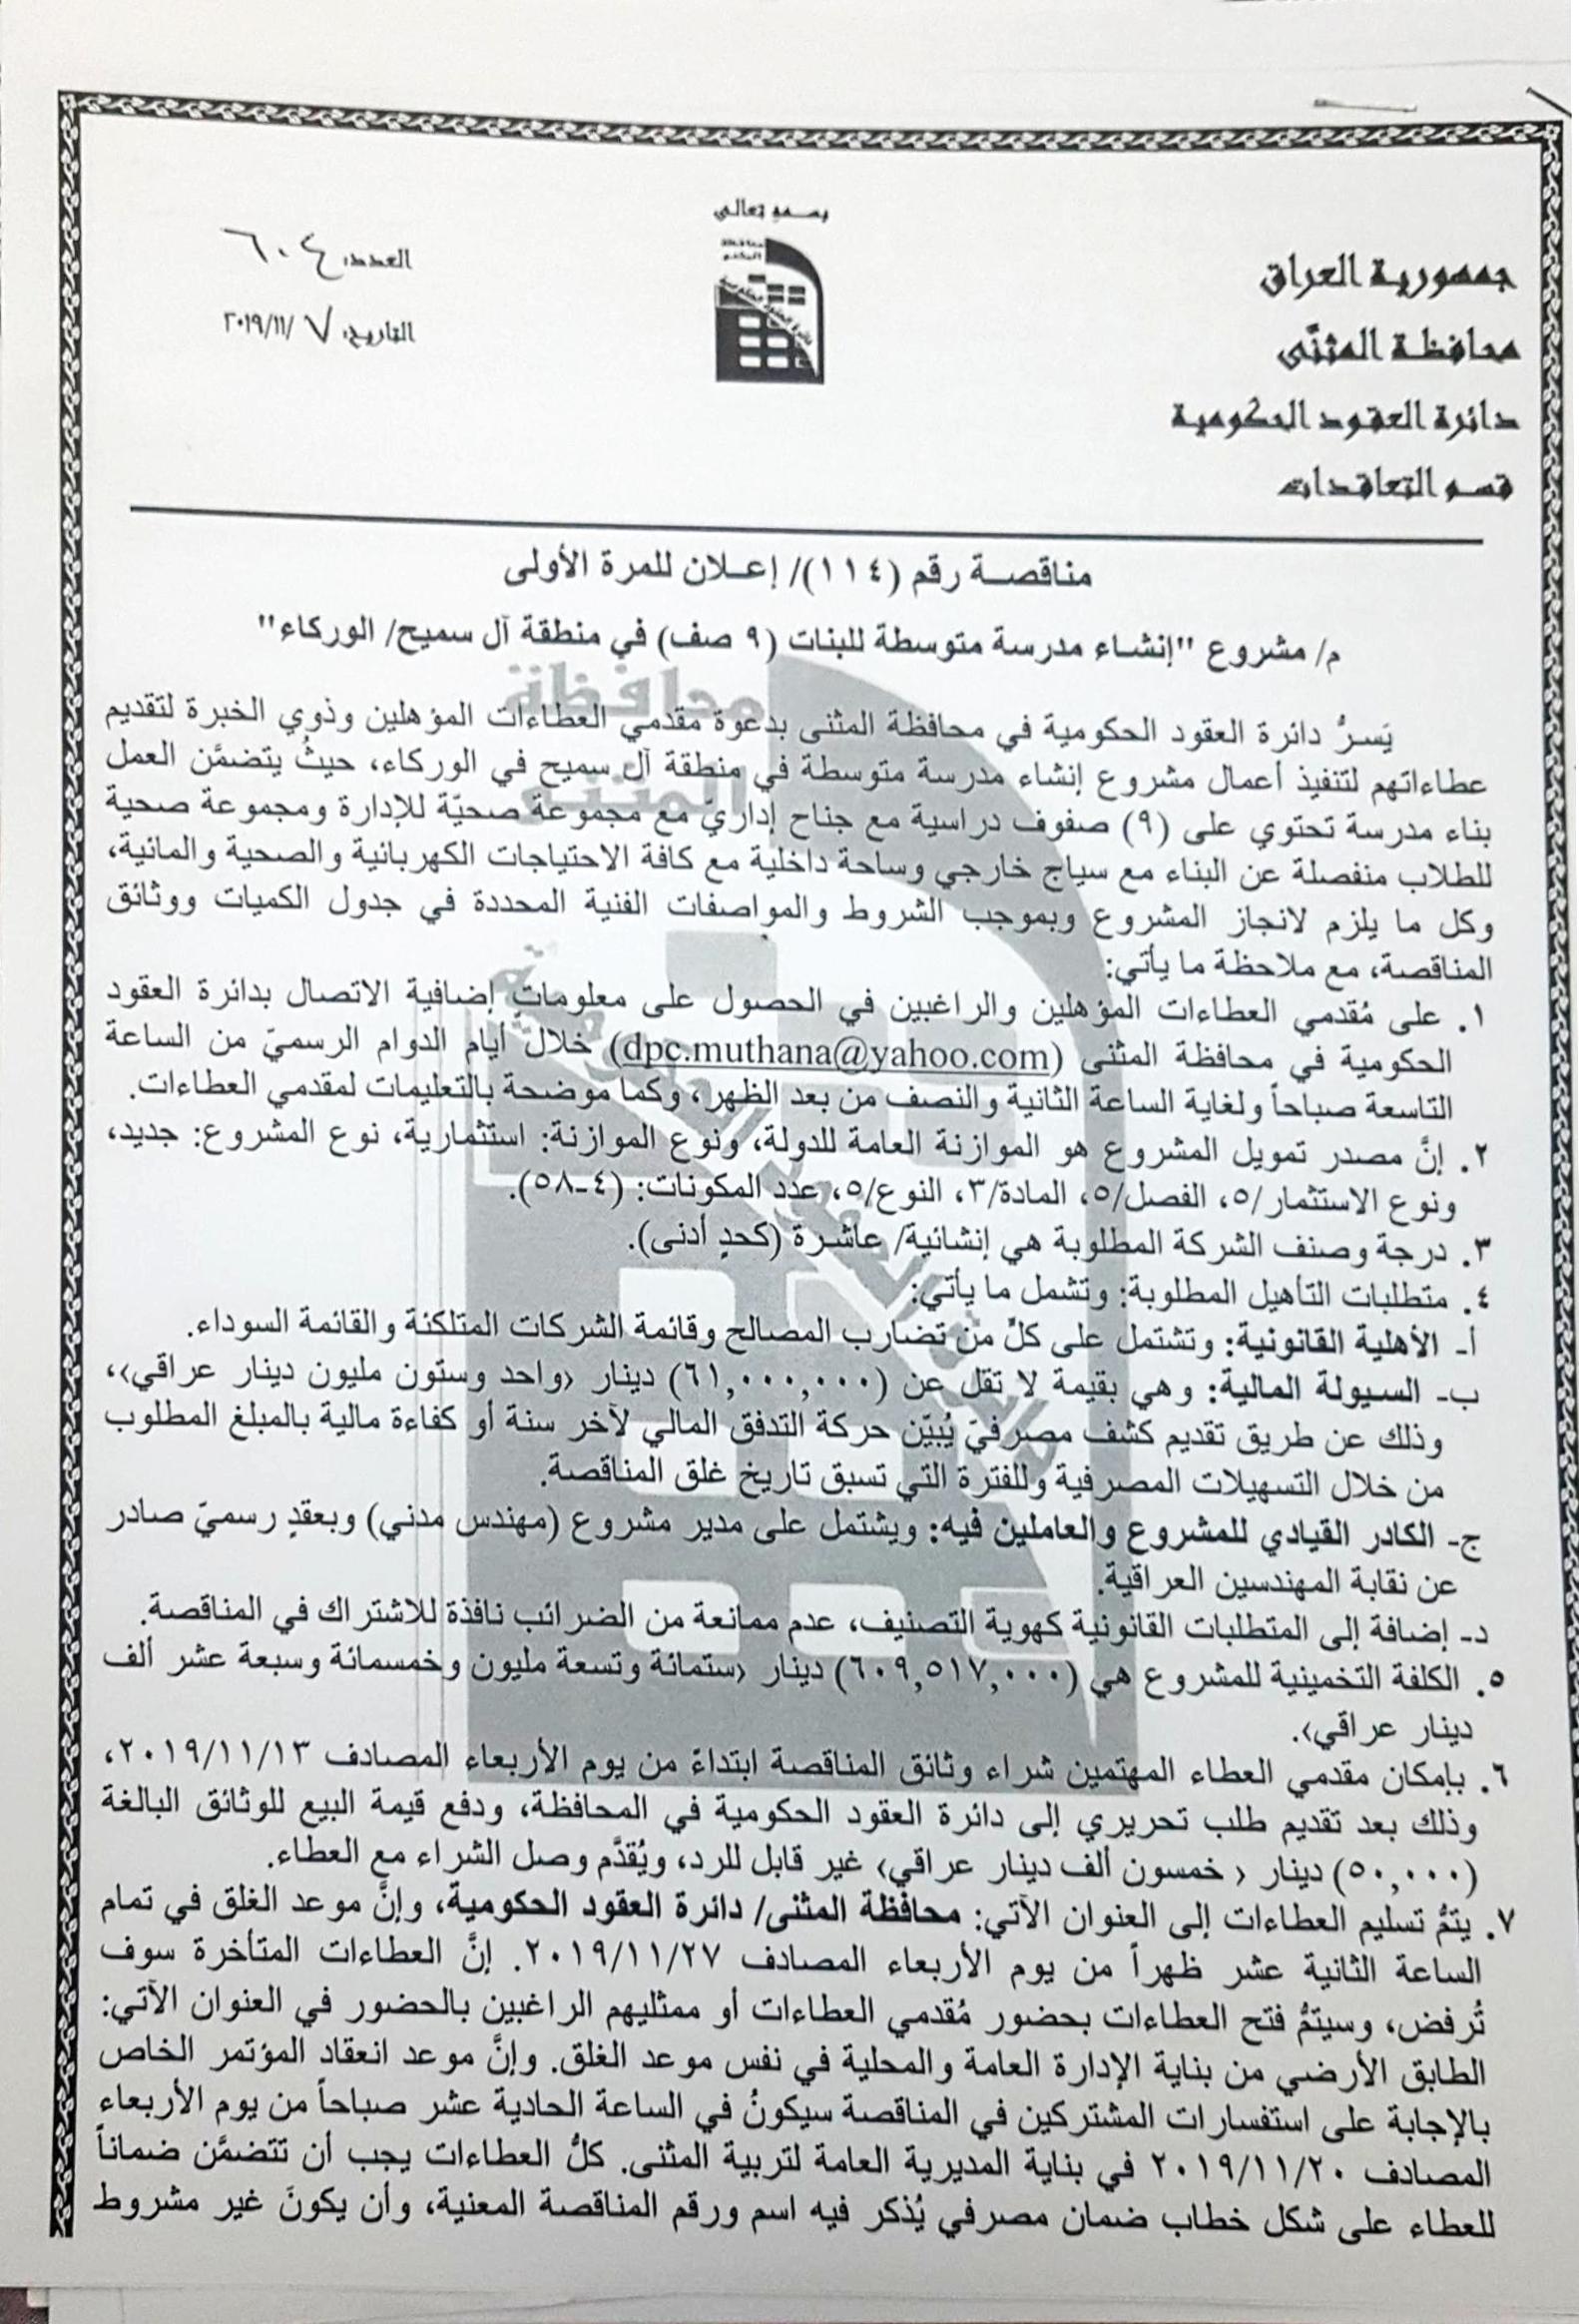 اعلان مشروع انشاء مدرسة متوسطة للبنات (9صف) في منطقة ال سمبج/الوركاء